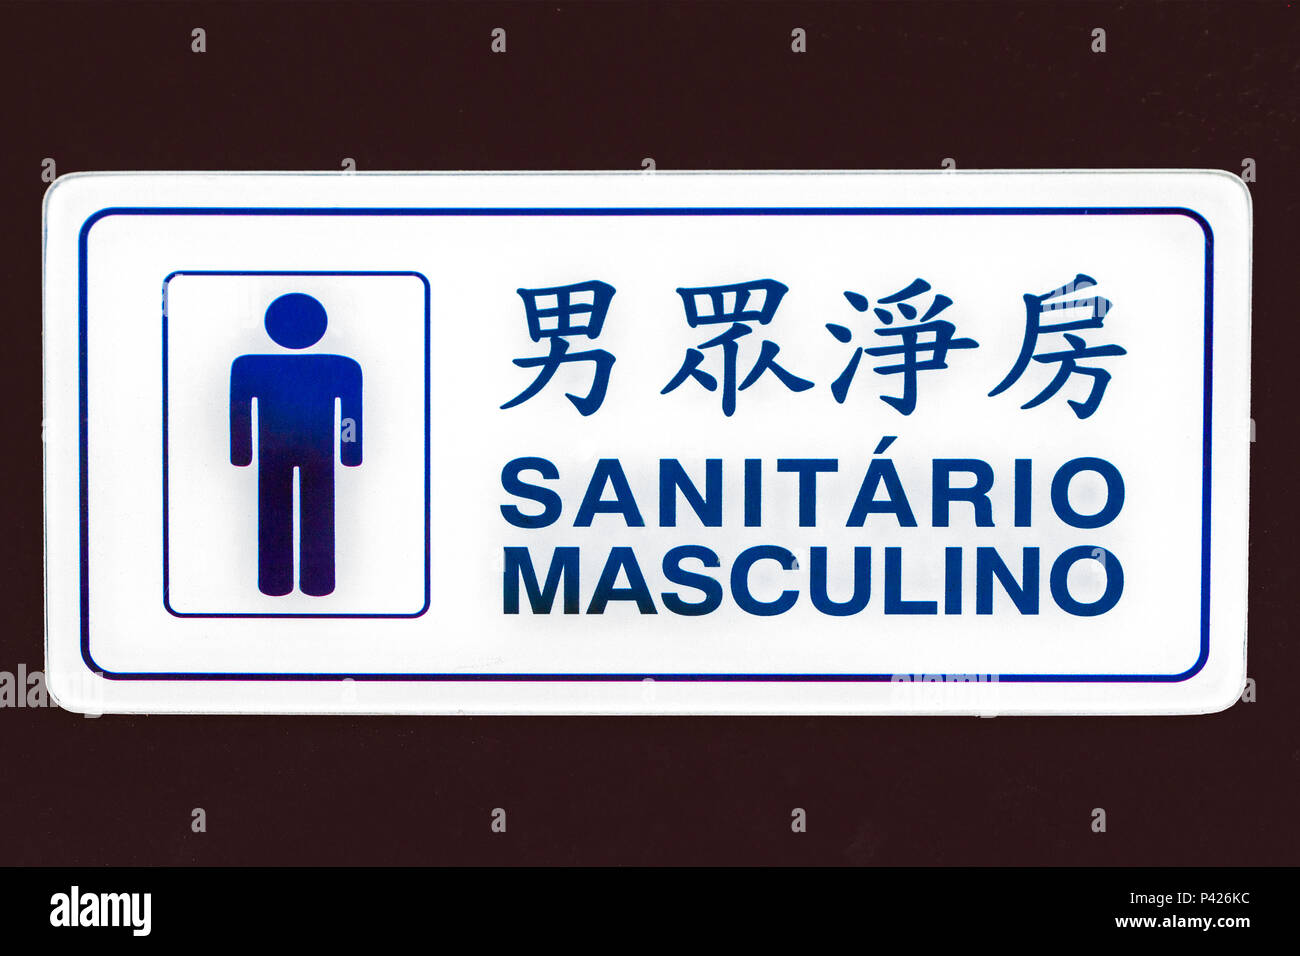 Plaça de banheiro masculino escrito em Chinês e Portugues, Cotia, São Paulo, Brasil Imagen De Stock